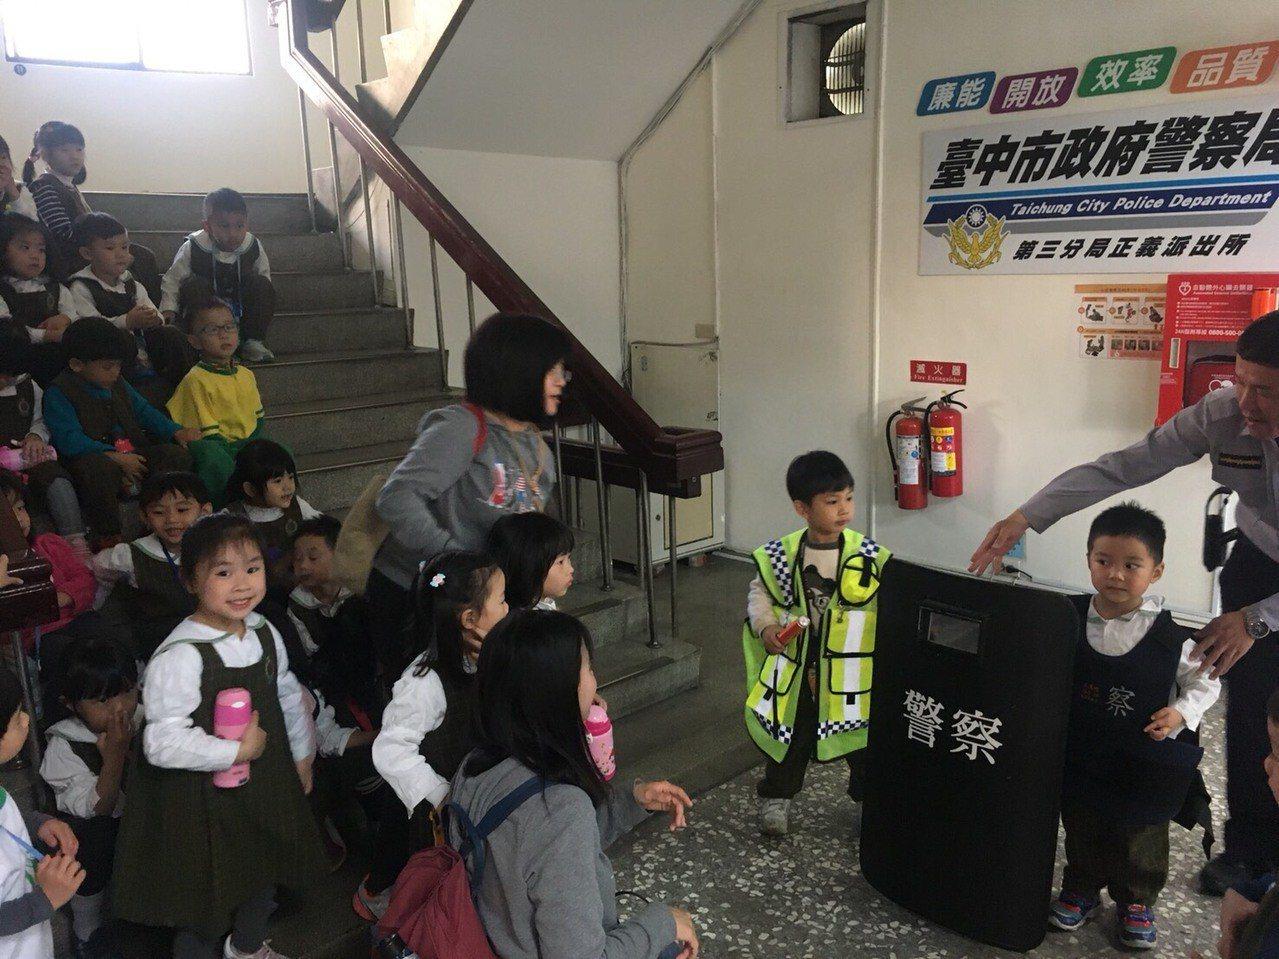 小朋友參觀派出所,台中市第三分局正義派出所員警解說警察工作。記者游振昇/翻攝